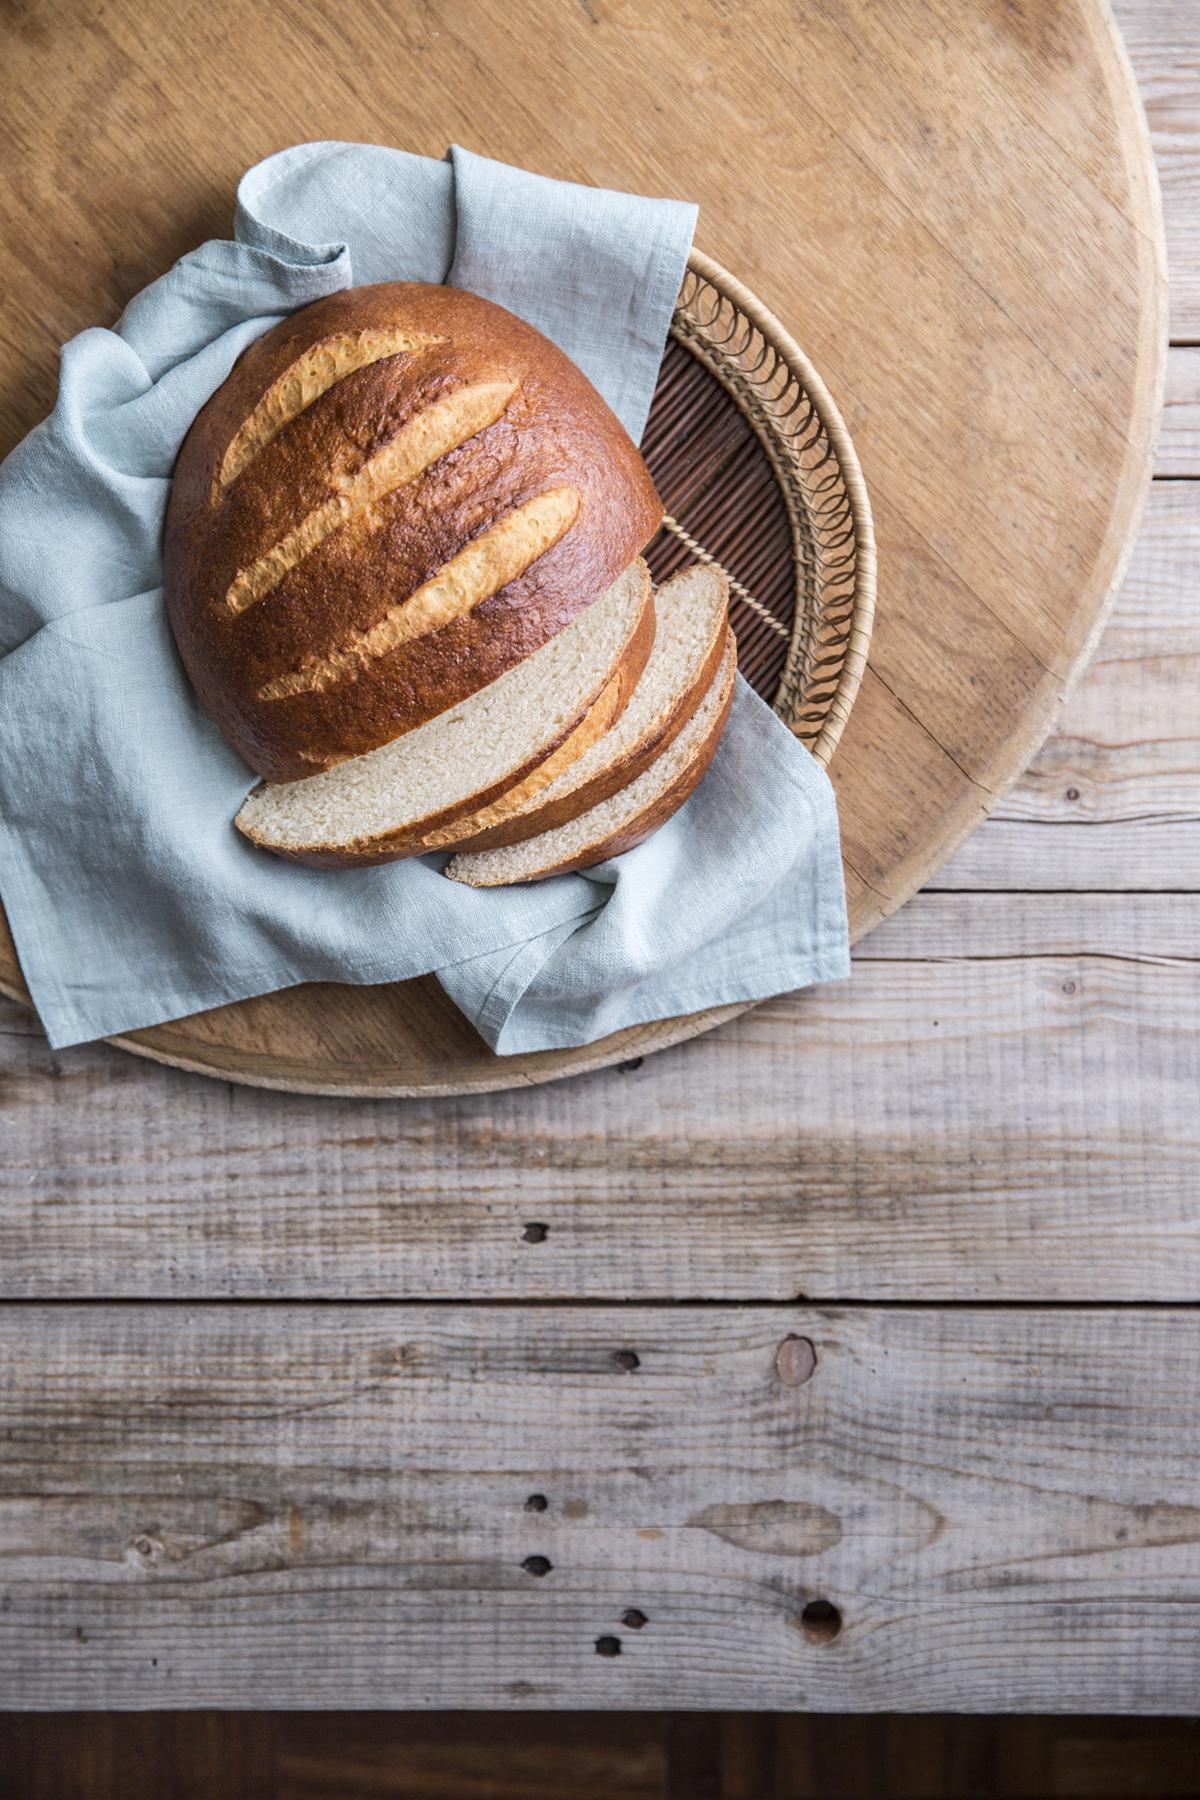 Pandolce ricotta e miele - Vaniglia Storie di Cucina